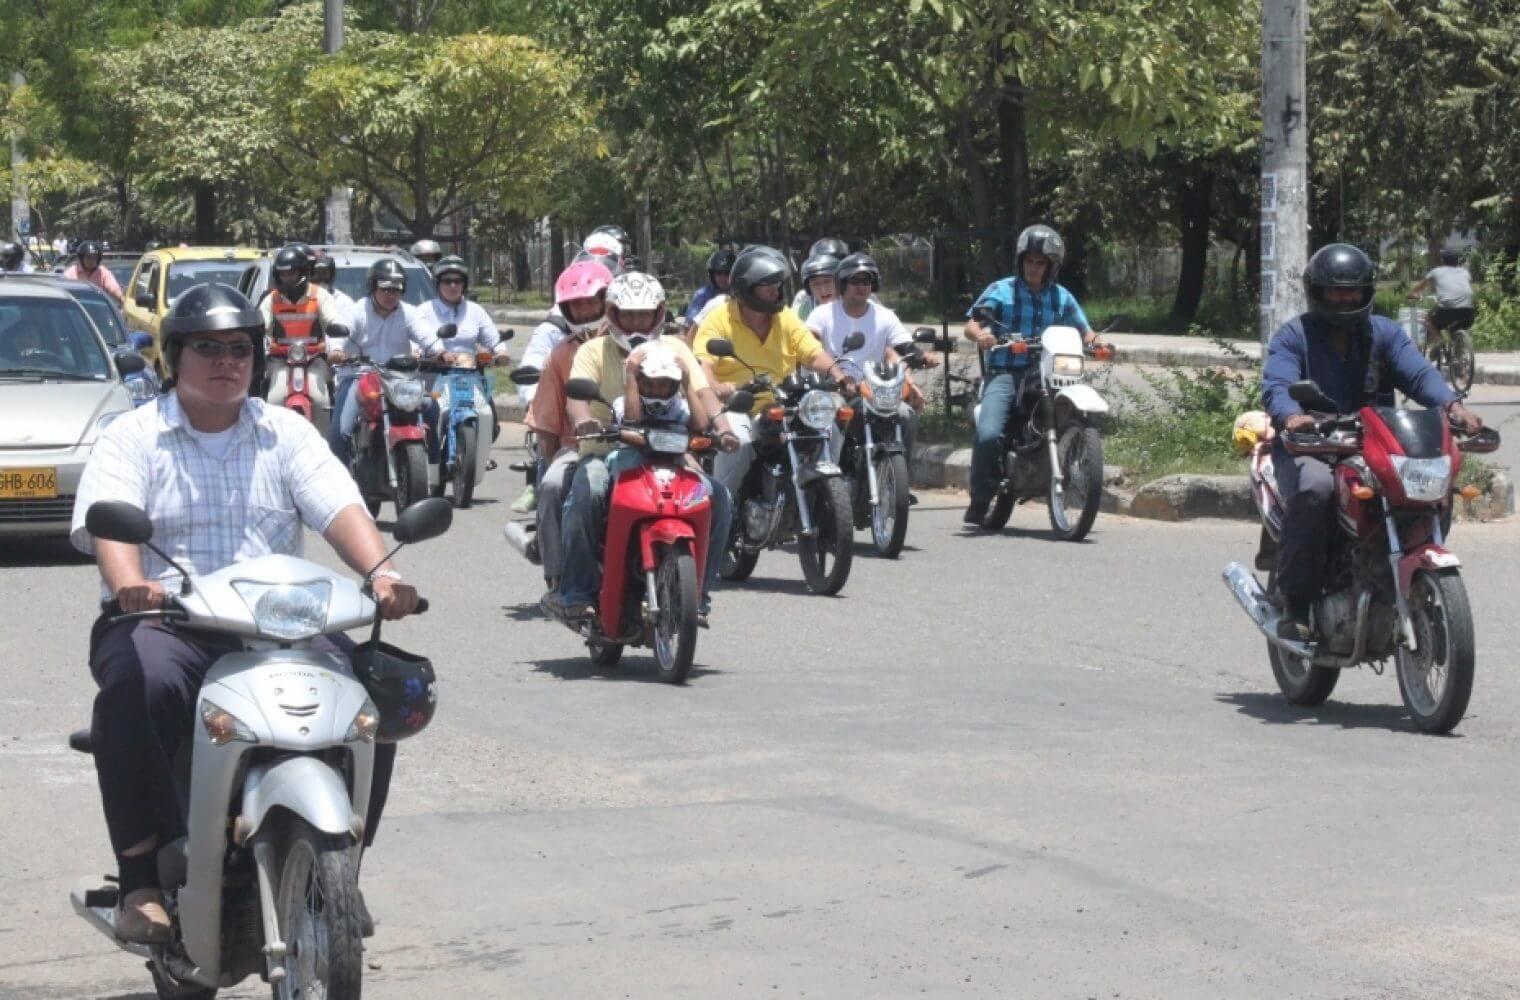 Restringida la libre circulación de vehículos en Arauca con algunas excepciones, por decisión del Instituto de Tránsito y Transporte